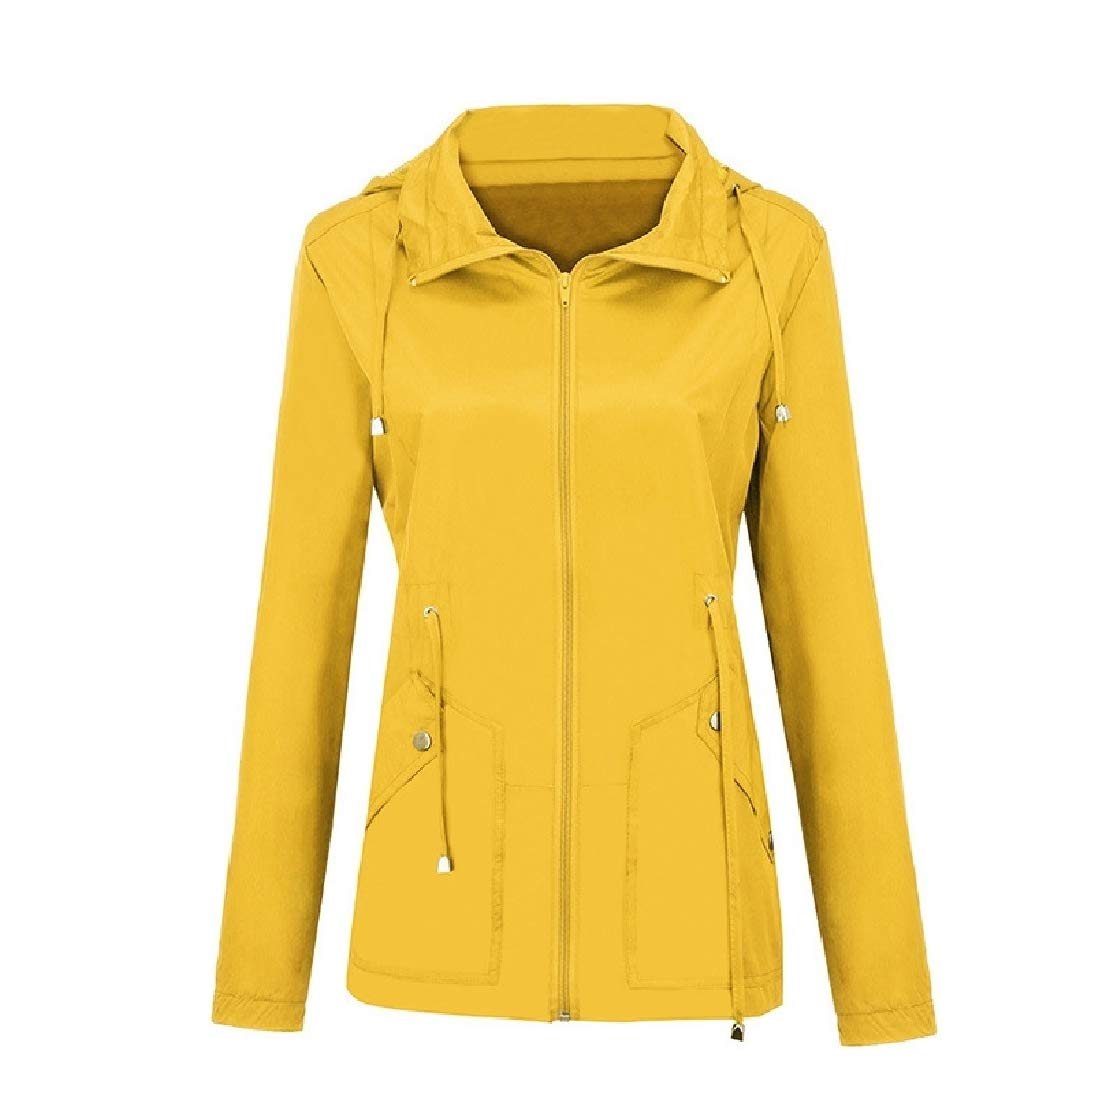 YUNY Womens Waterproof Hoodie Weekend Pure Color Elastic Biker Jacket Yellow XS